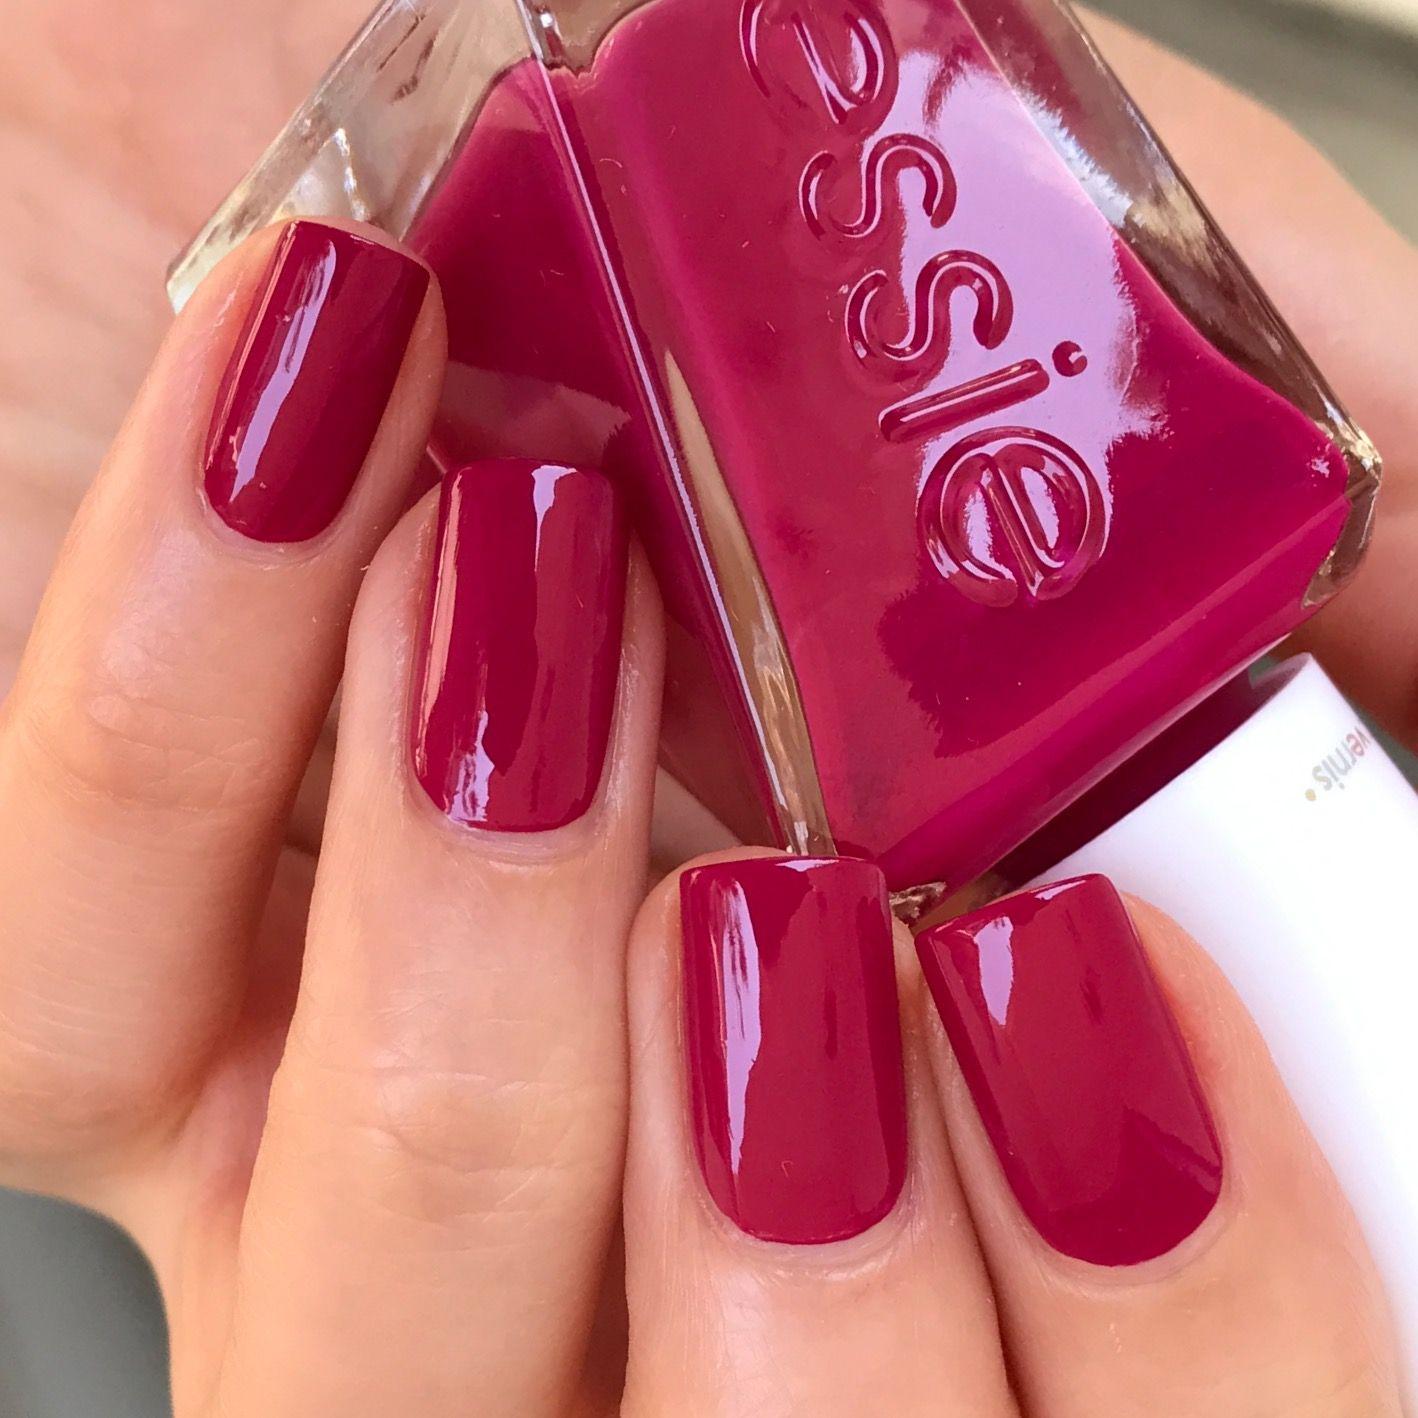 Único Essie Uñas Azul Pulido Friso - Ideas de Diseño de Arte de Uñas ...